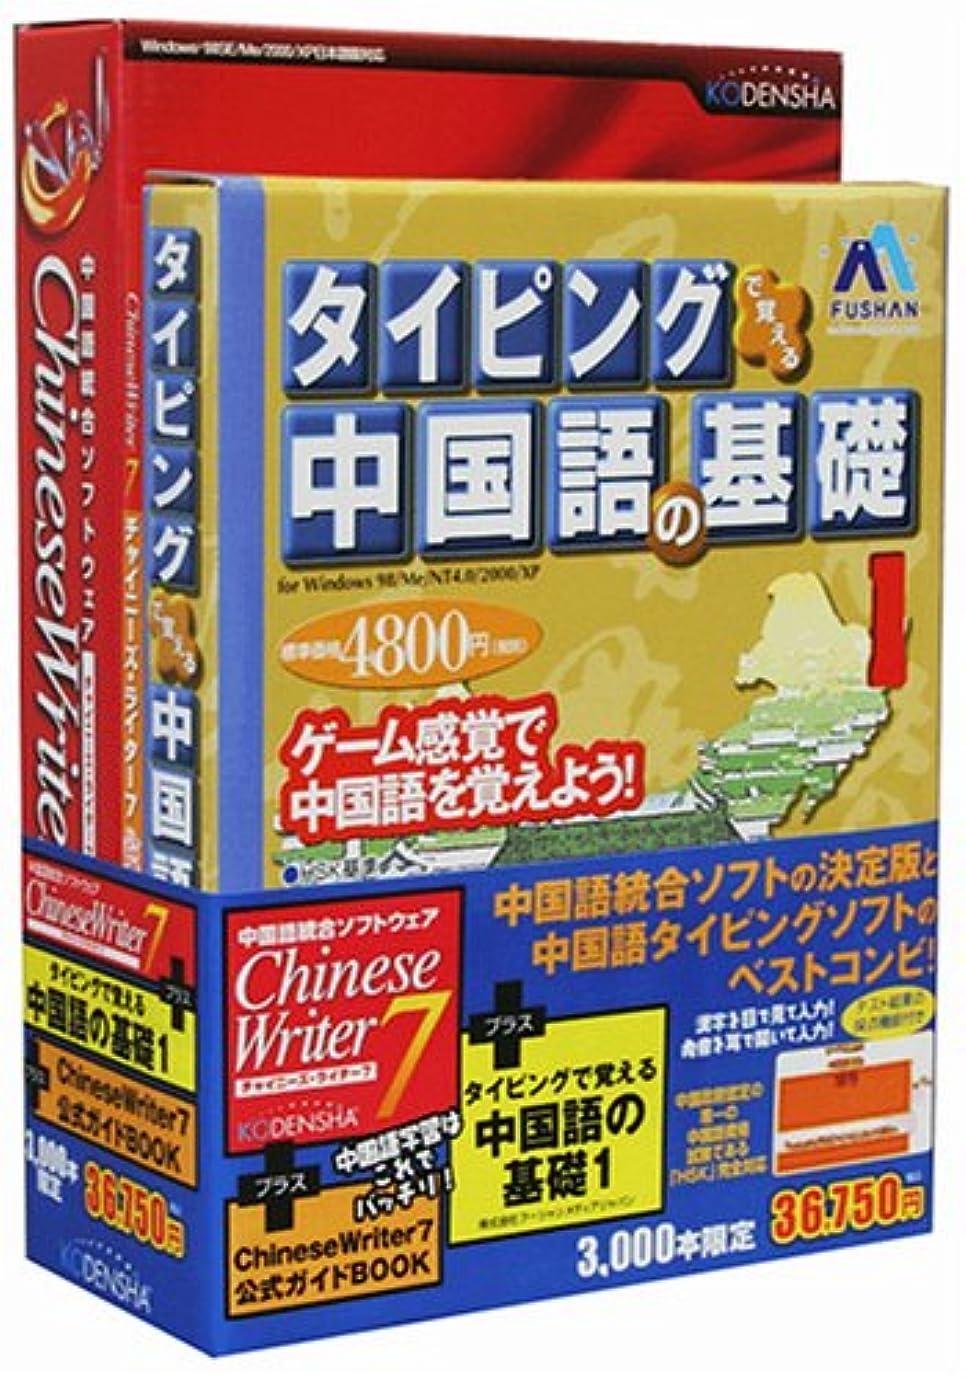 グリーンランド混合した囚人Chinese Writer 7 ガイドブック付 + 中国語タイピングソフト